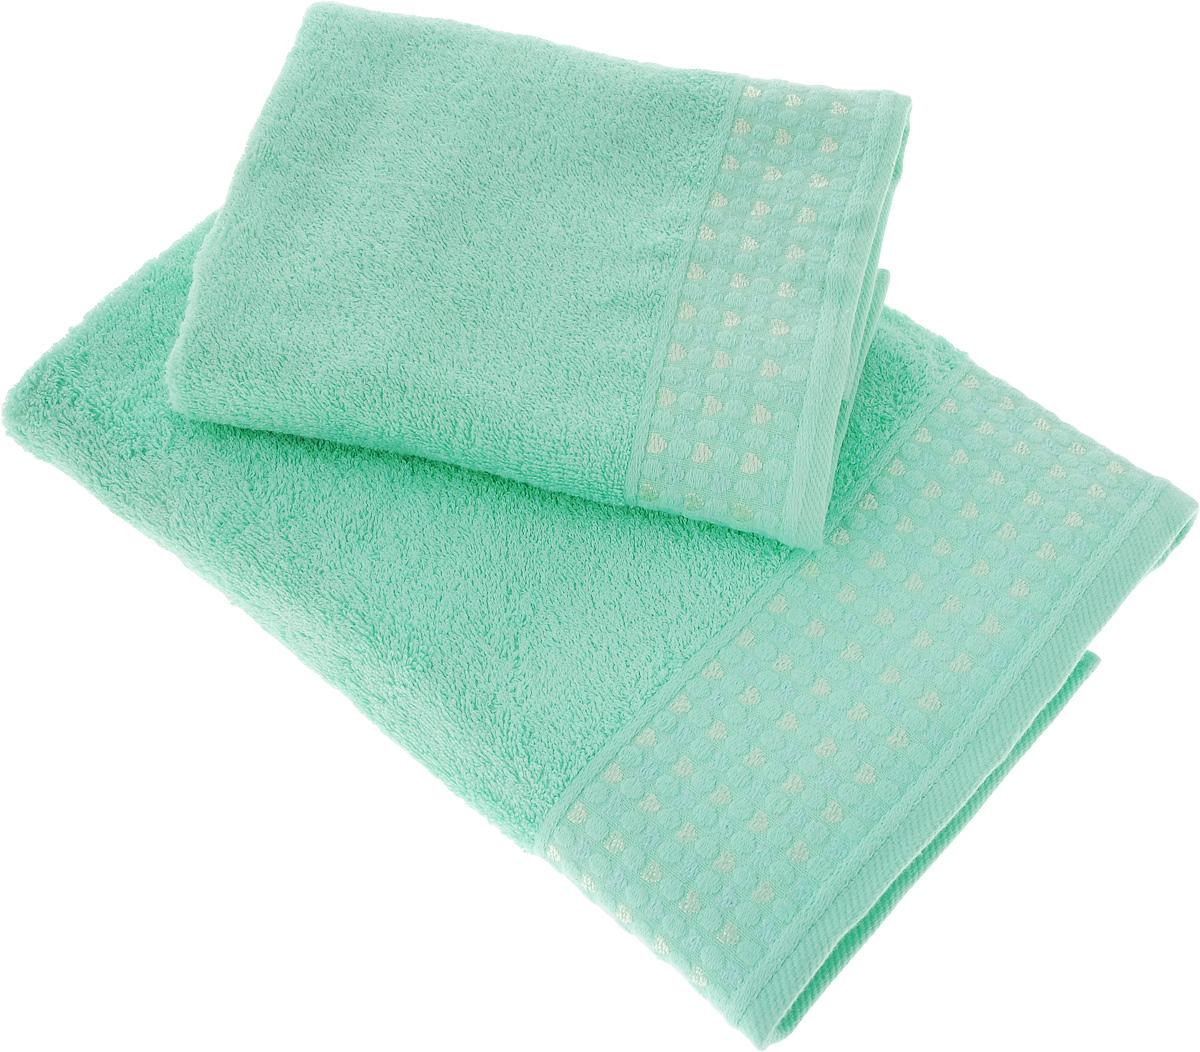 Набор полотенец Tete-a-Tete Сердечки, цвет: бирюзовый, 2 шт. УНП-104S03301004Набор Tete-a-Tete Сердечки состоит из двух махровых полотенец, выполненных из натурального 100% хлопка. Бордюр полотенец декорирован сердечками и горошком. Изделия мягкие, отлично впитывают влагу, быстро сохнут, сохраняют яркость цвета и не теряют форму даже после многократных стирок. Полотенца Tete-a-Tete Сердечки очень практичны и неприхотливы в уходе. Они легко впишутся в любой интерьер благодаря своей нежной цветовой гамме.